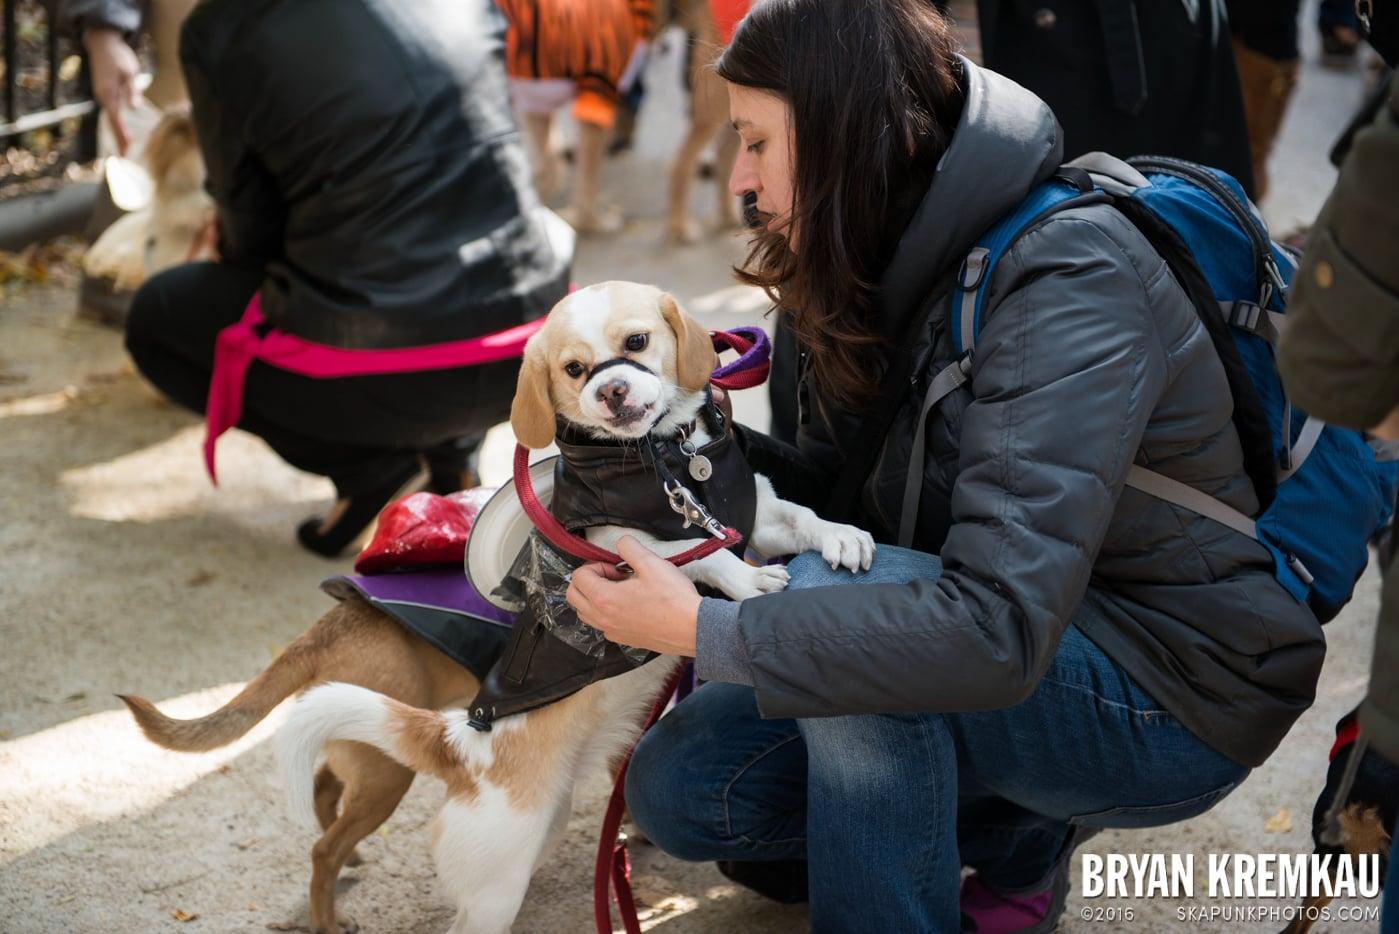 Tompkins Square Halloween Dog Parade 2013 @ Tompkins Square Park, NYC - 10.26.13 (44)